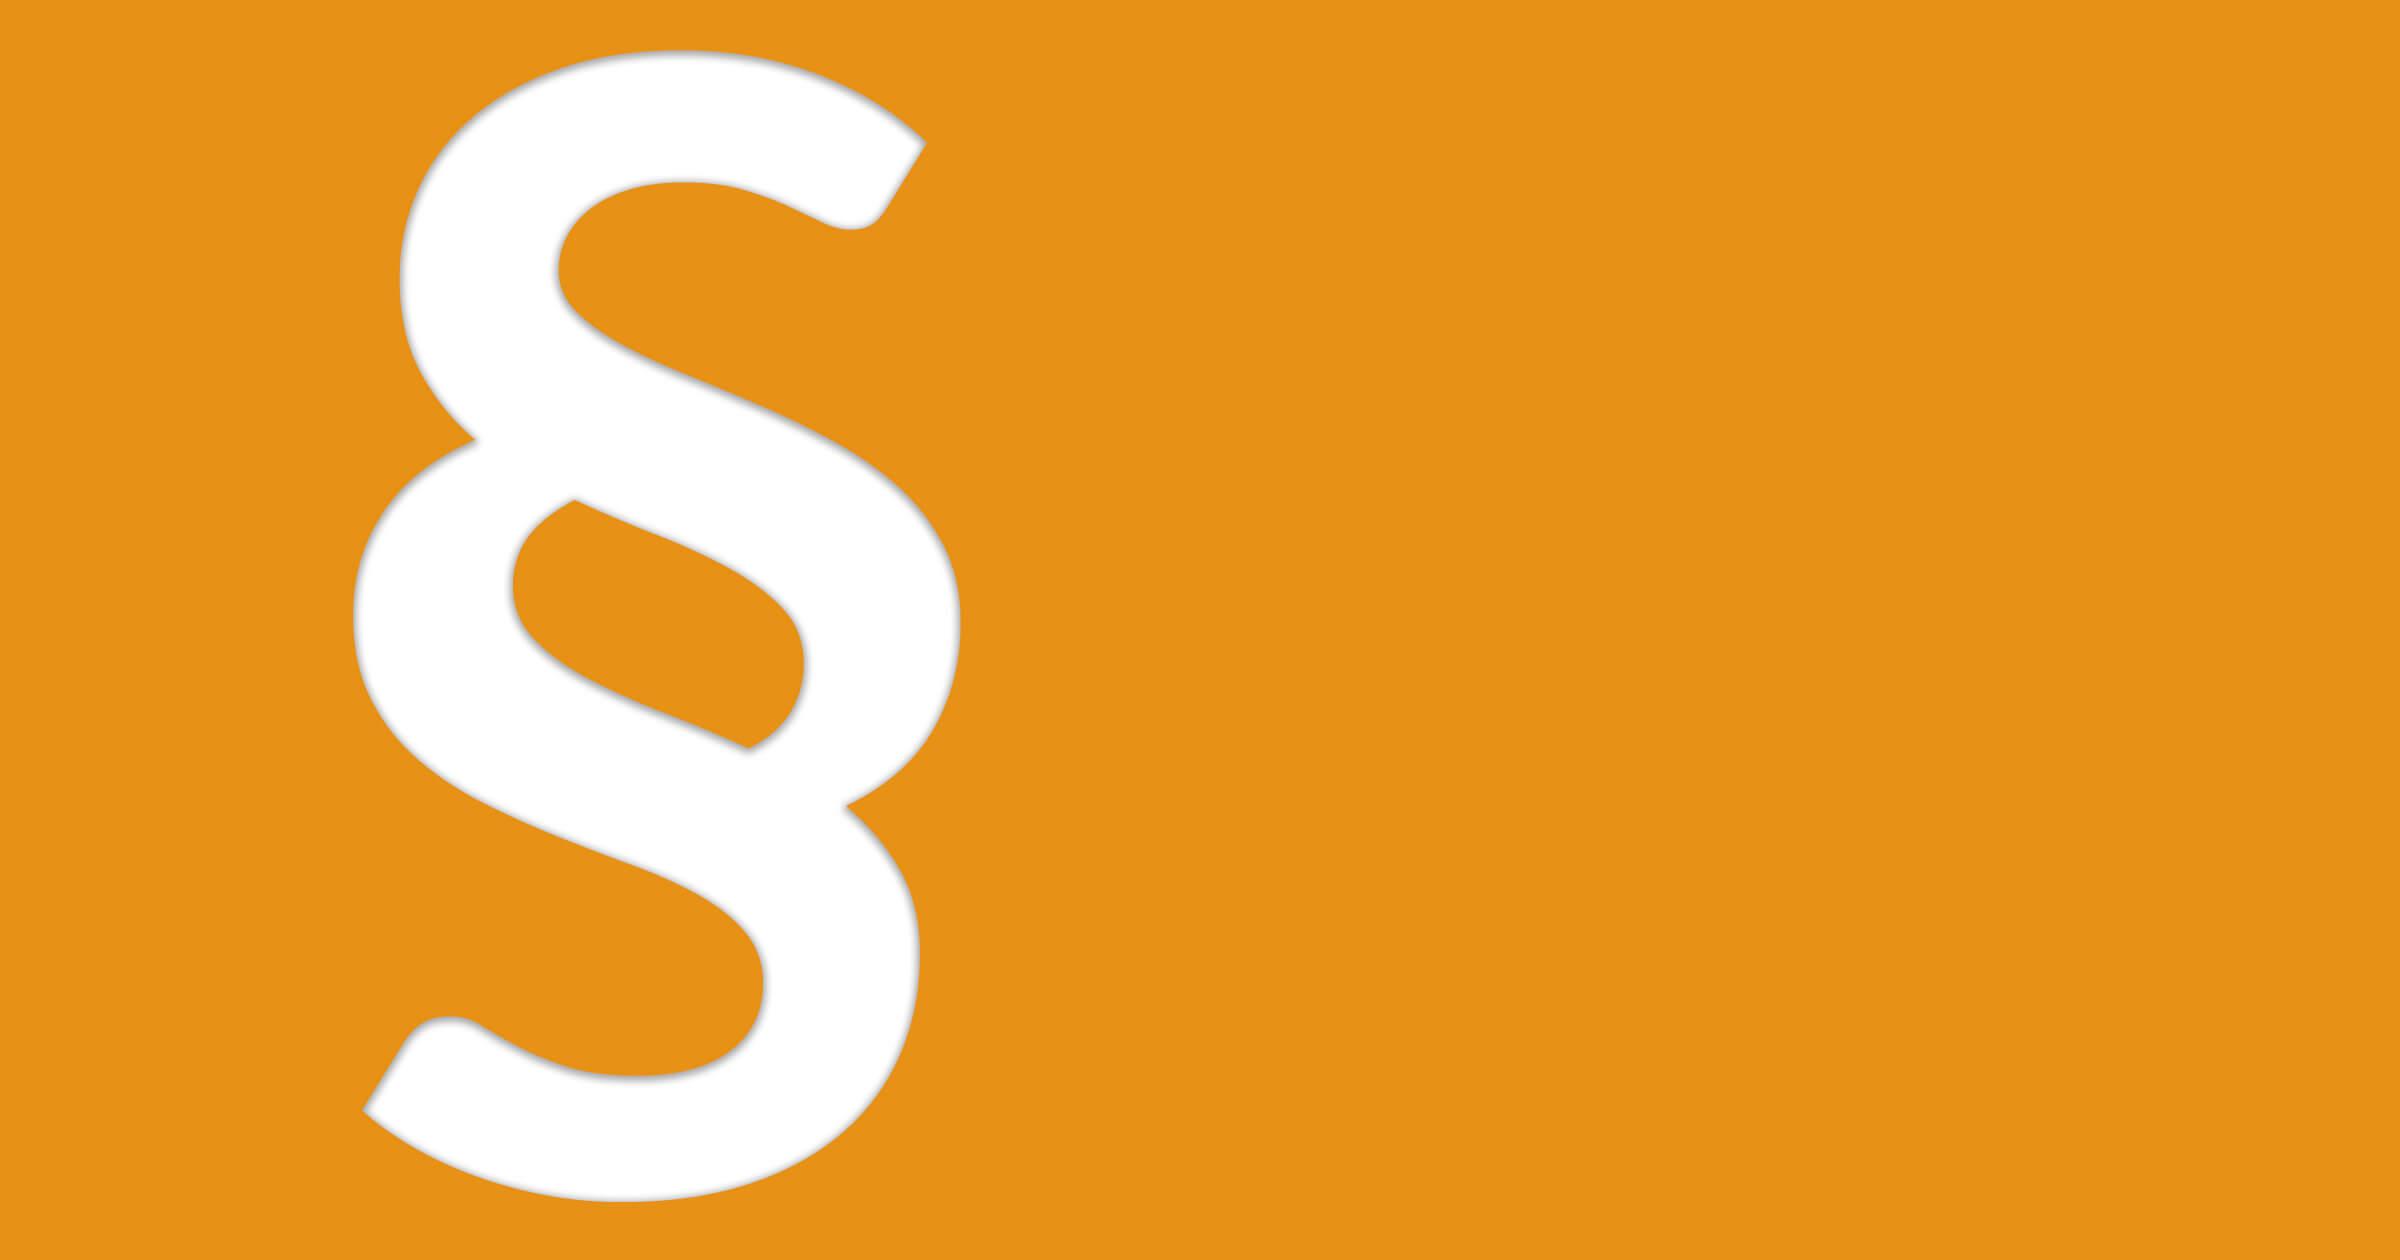 Beitragshinweis: Leitfaden mit Top 10 abmahnbarer Rechtsfehler im Marketing und Onlinevertrieb